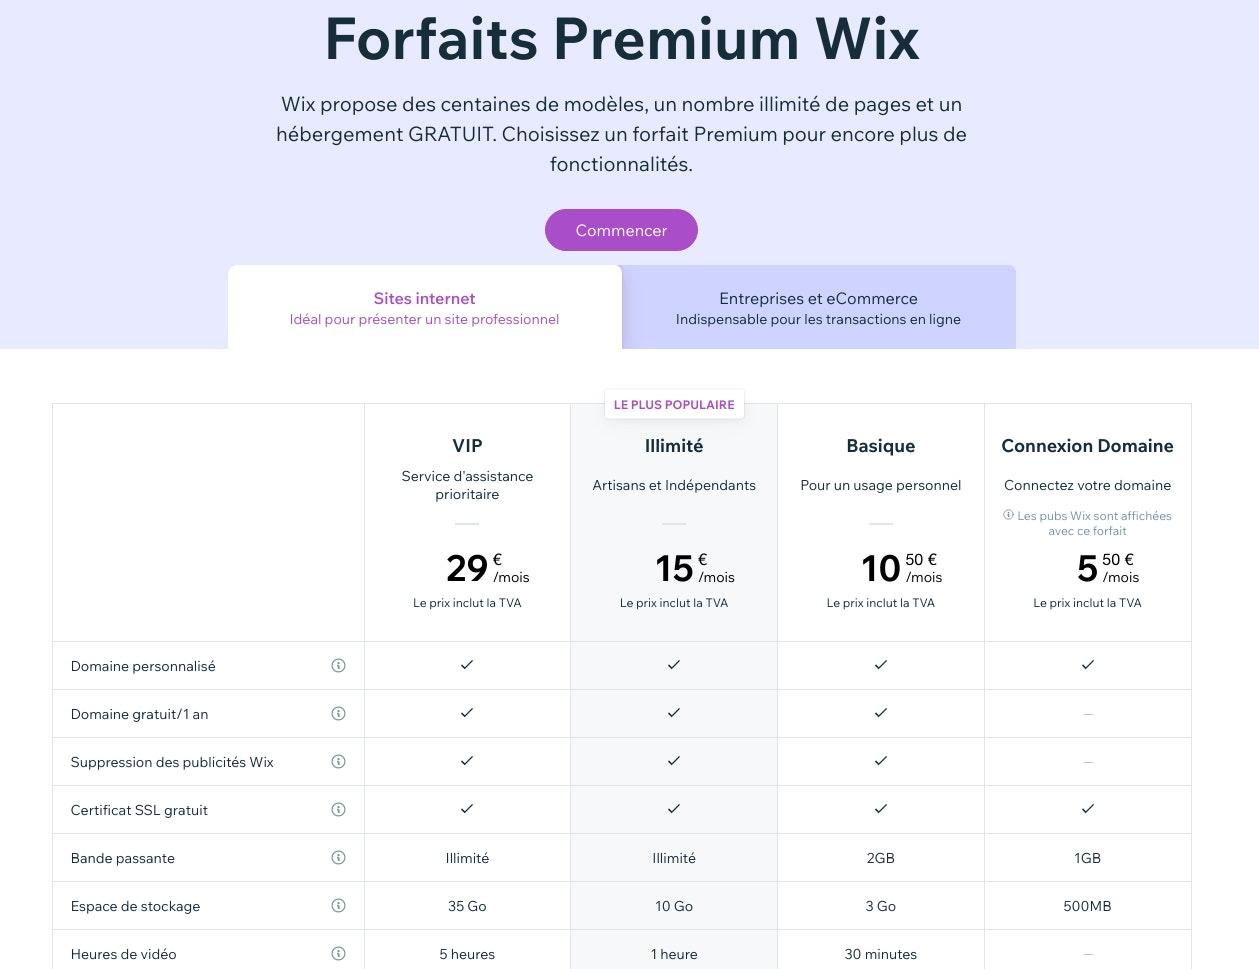 combien coûte un site vitrine wix